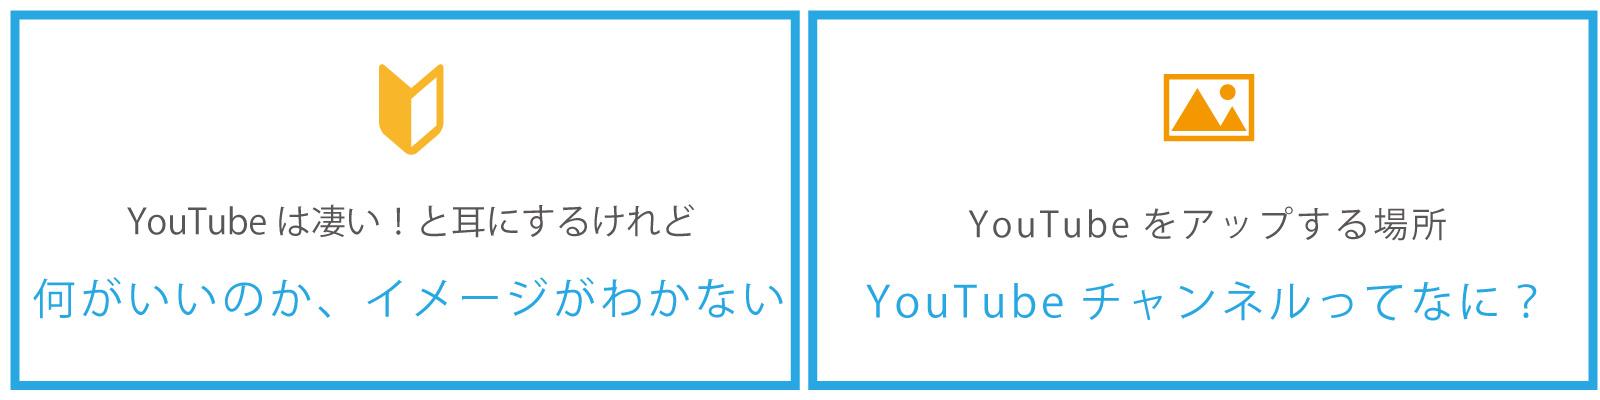 YouTubeの悩み1